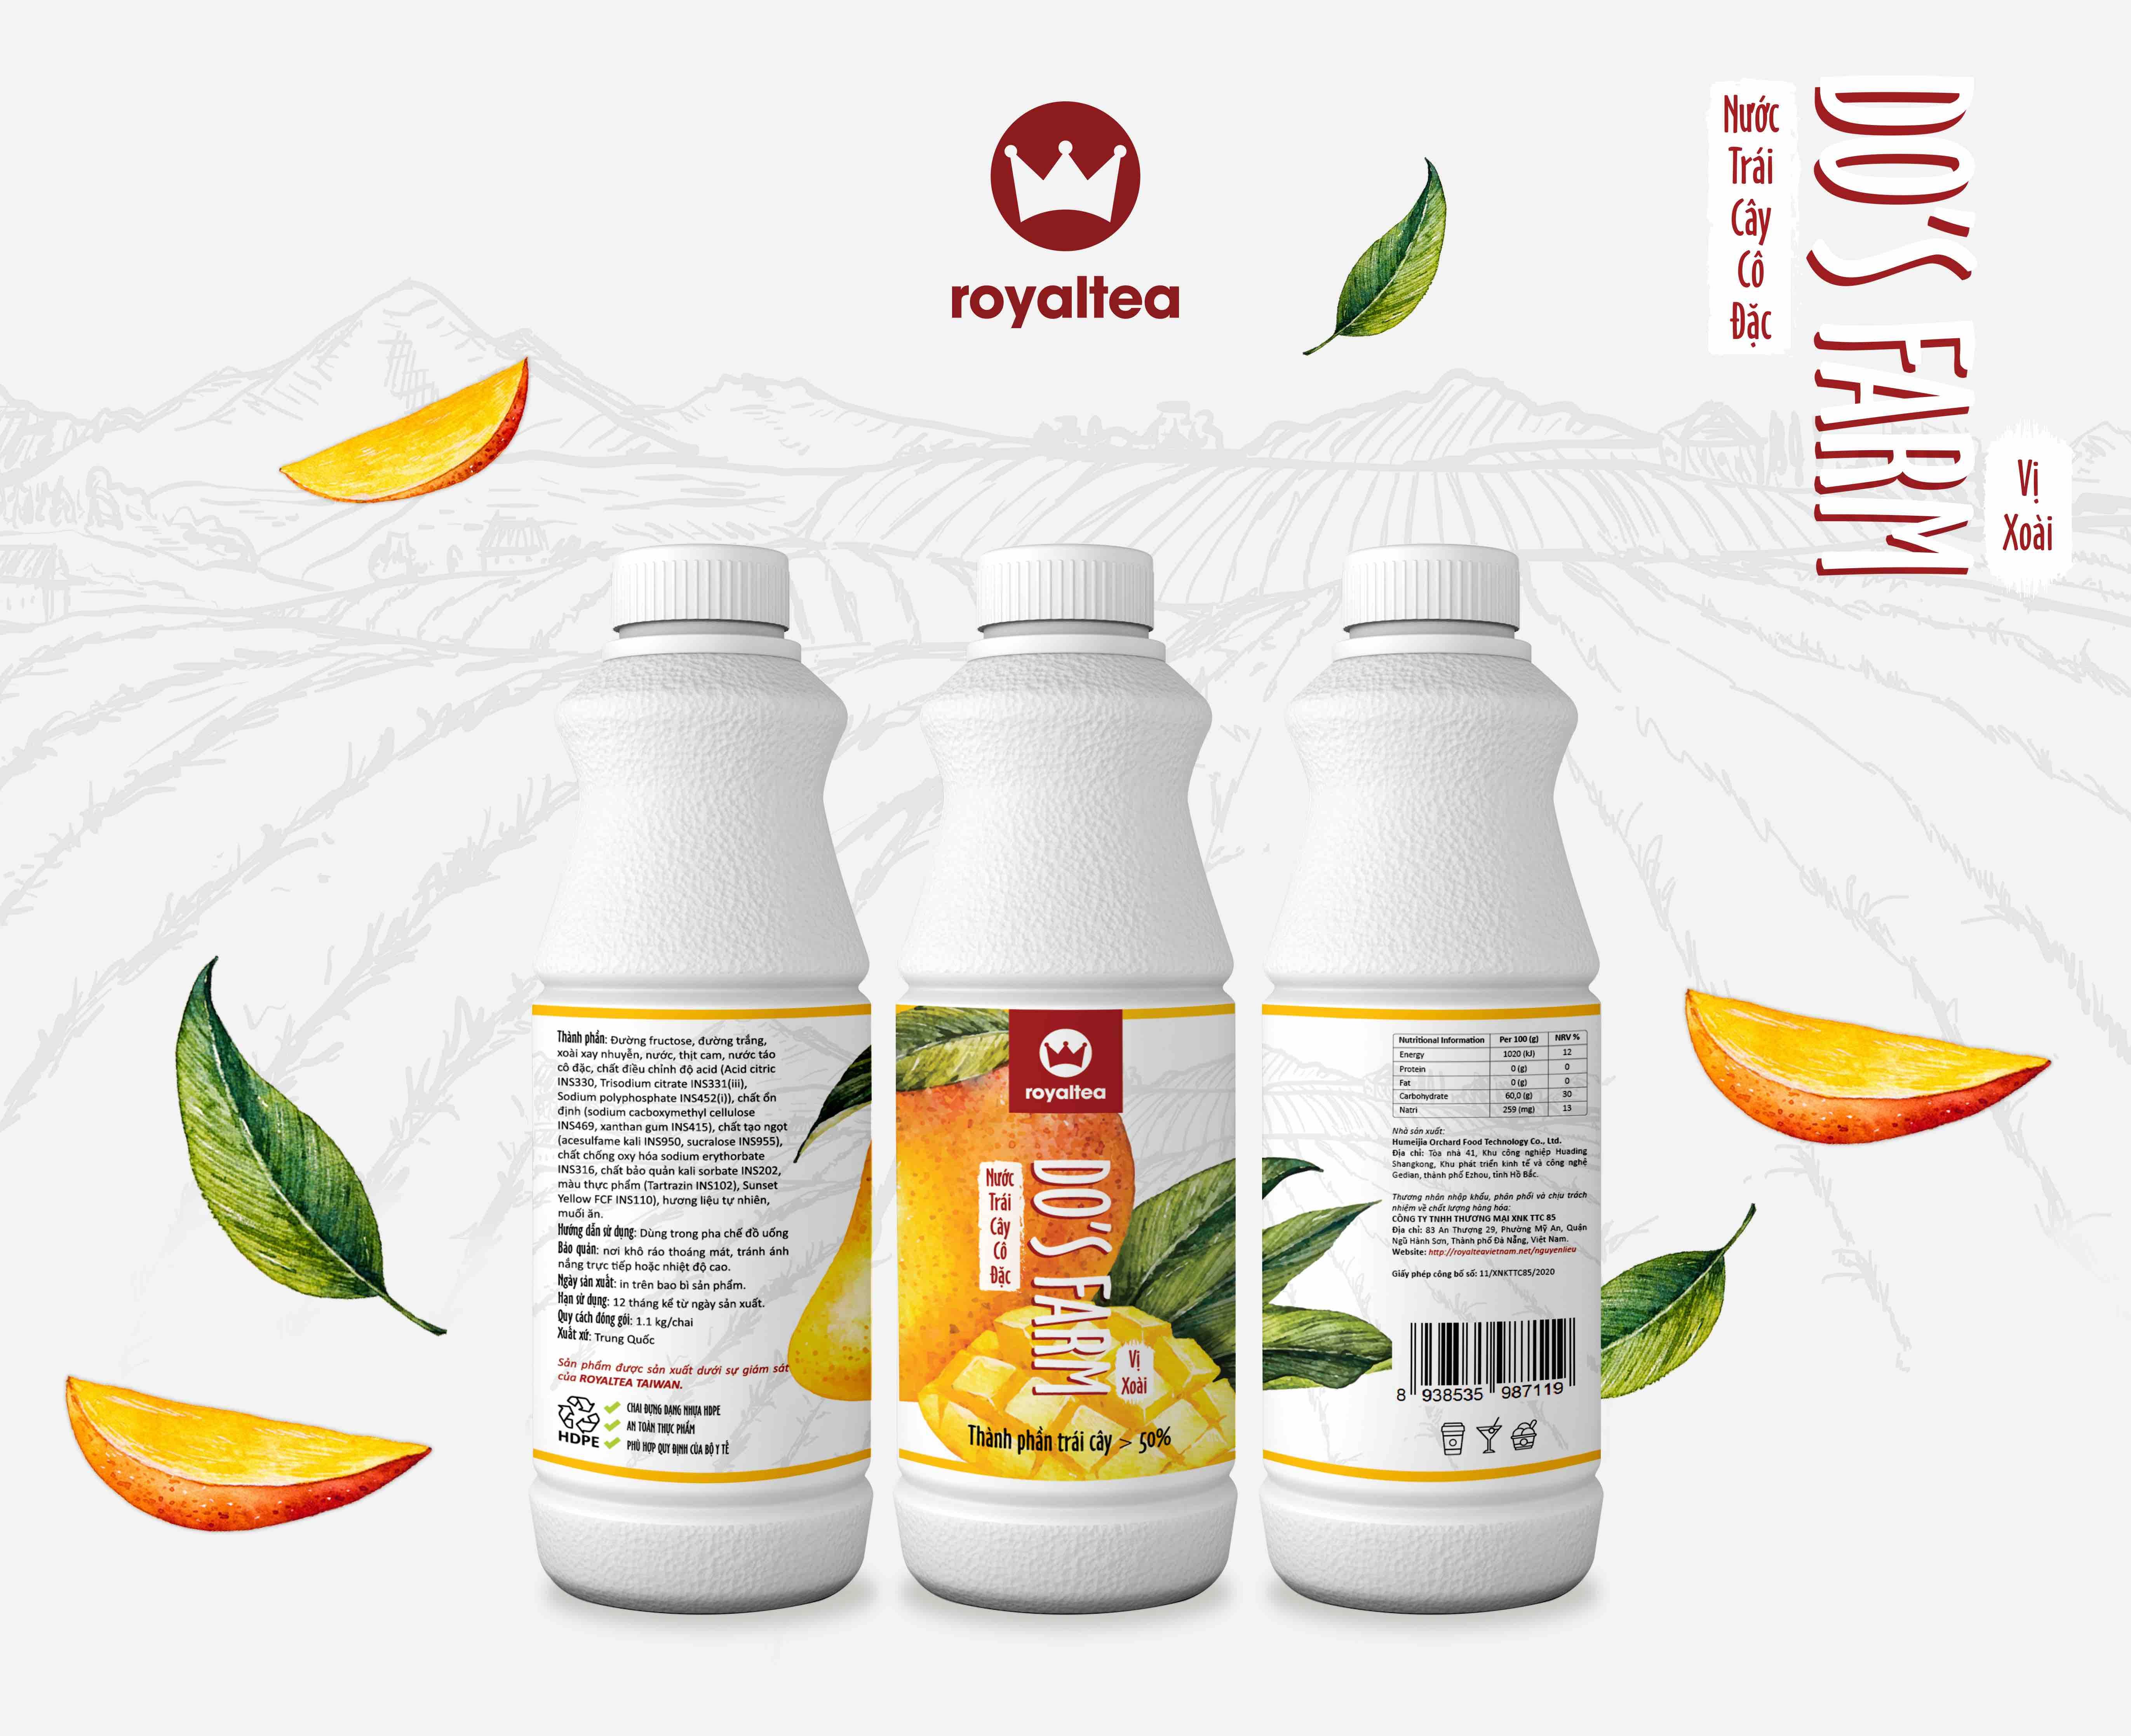 Nước trái cây cô đặc – vị xoài – 190.000 VNĐ